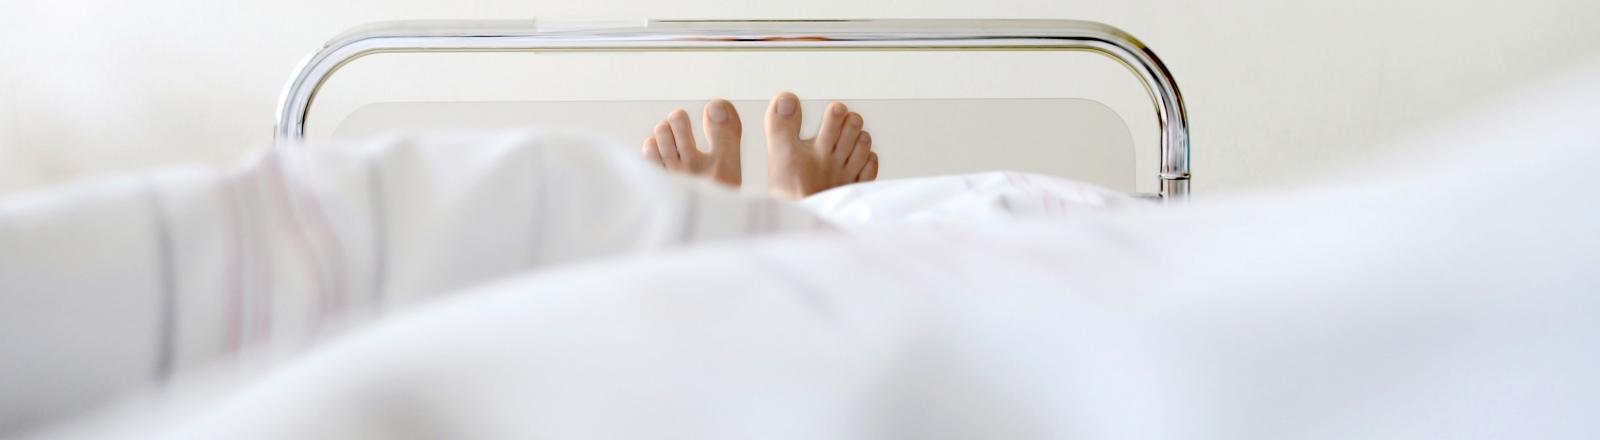 Füße die unter einer Decke im Krankenhaus-Bett hervor schauen